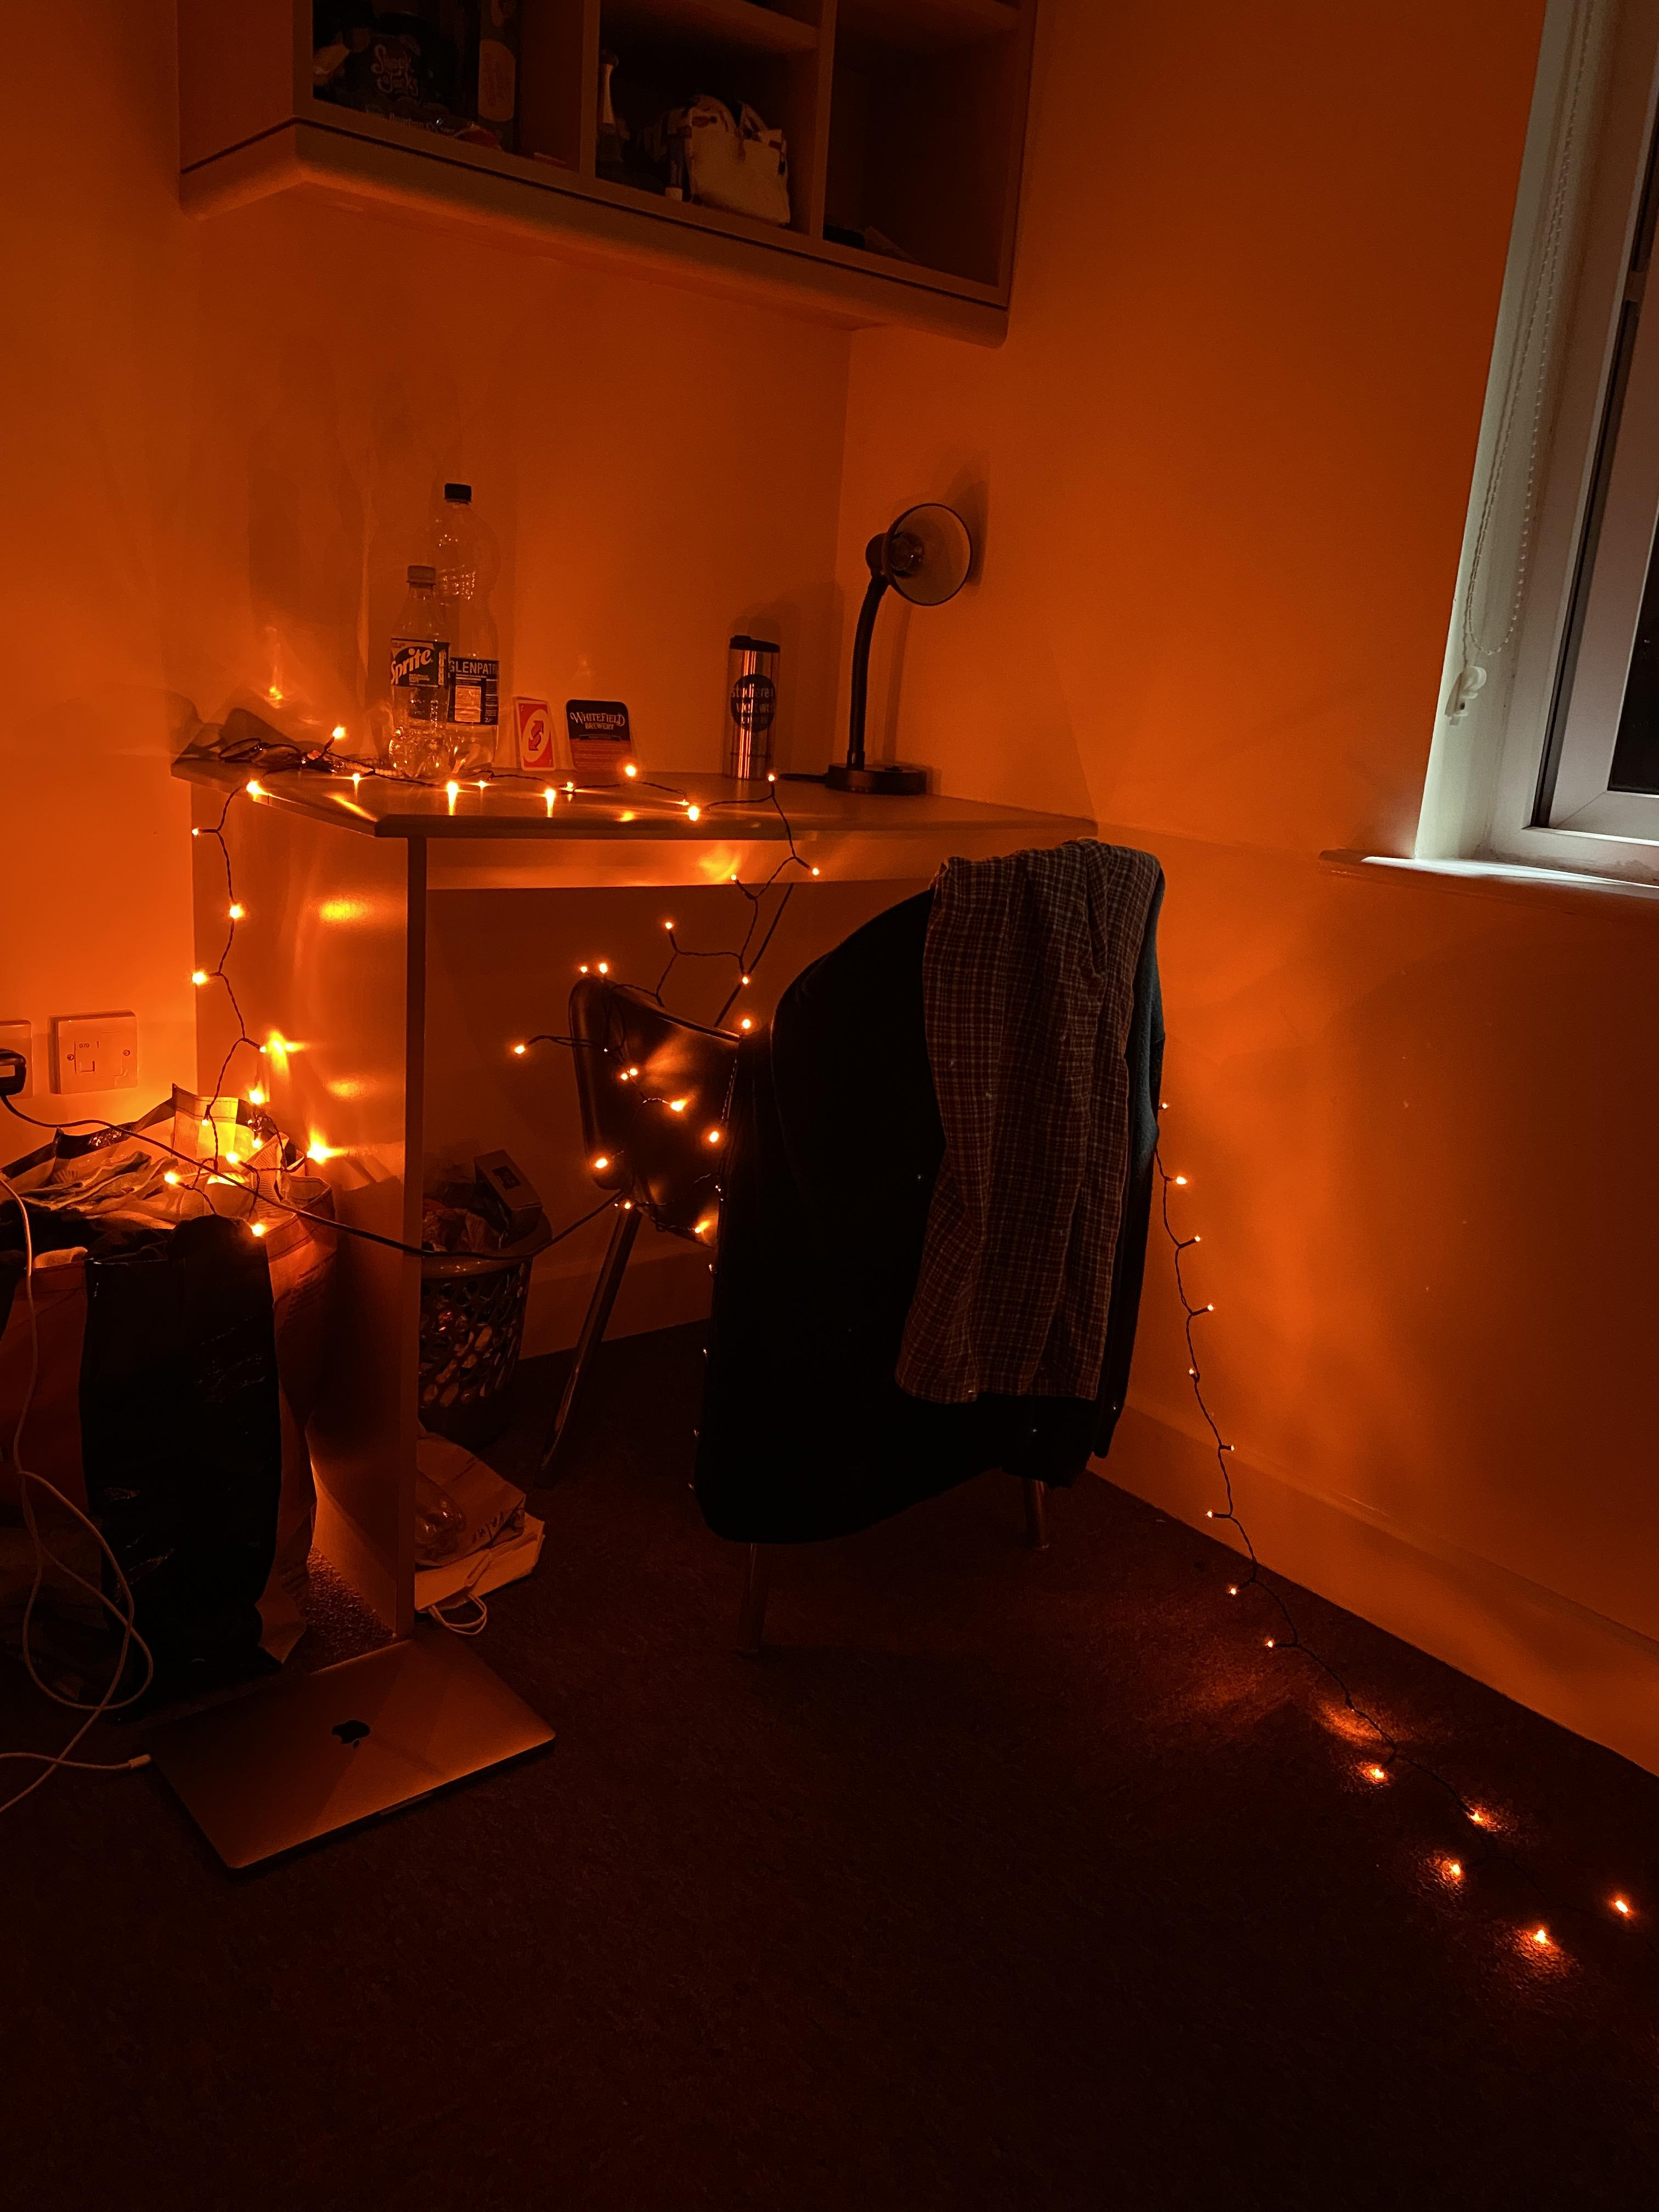 Wenn ich dann doch mal daheim was für die Uni machen muss, dann geht das natürlich nur mit entsprechender Beleuchtung.